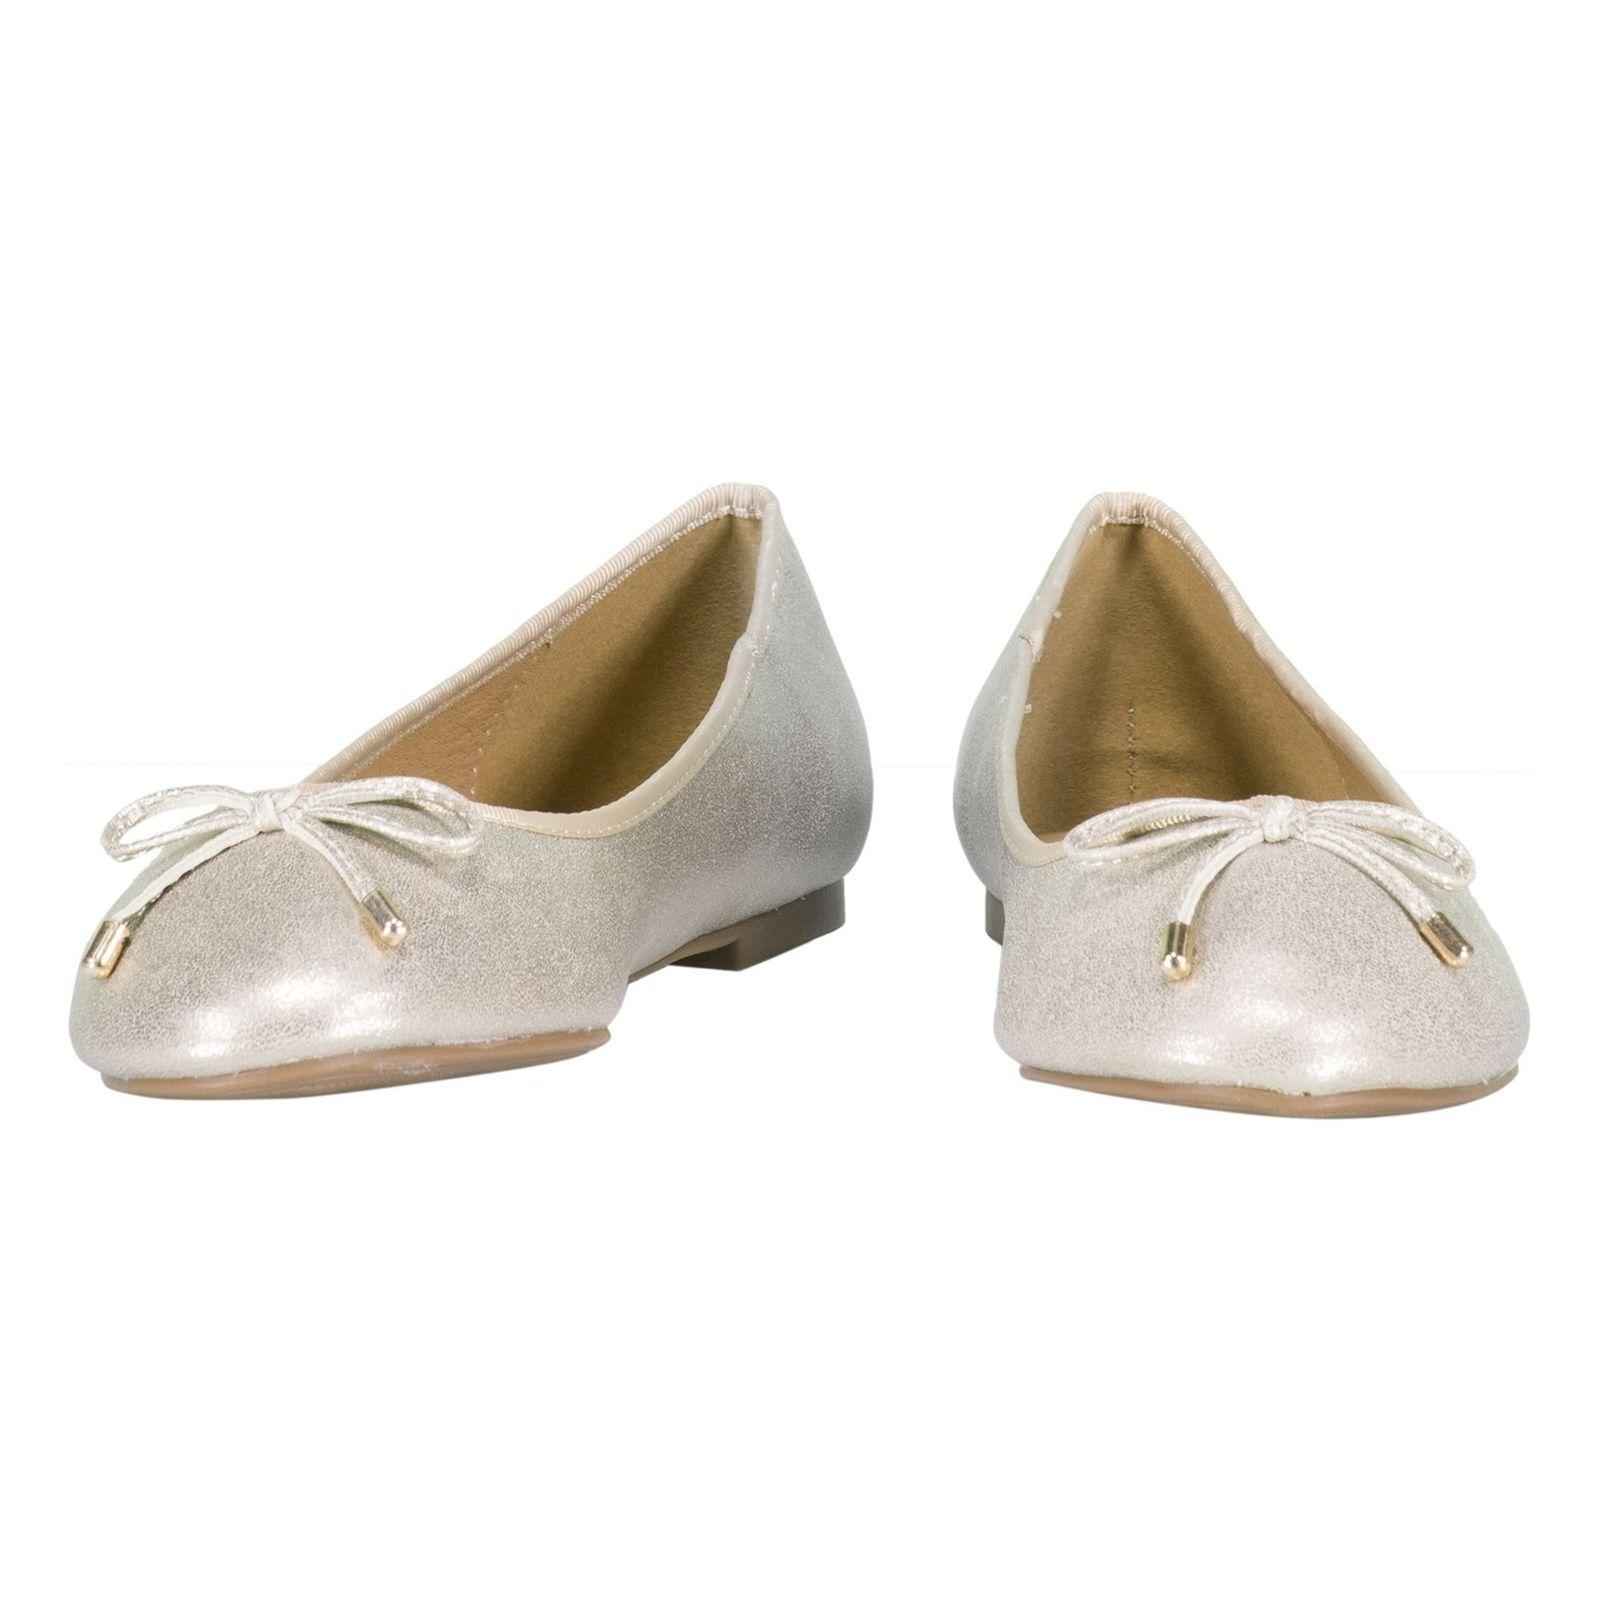 کفش تخت زنانه - پارفوا - طلايي روشن - 4